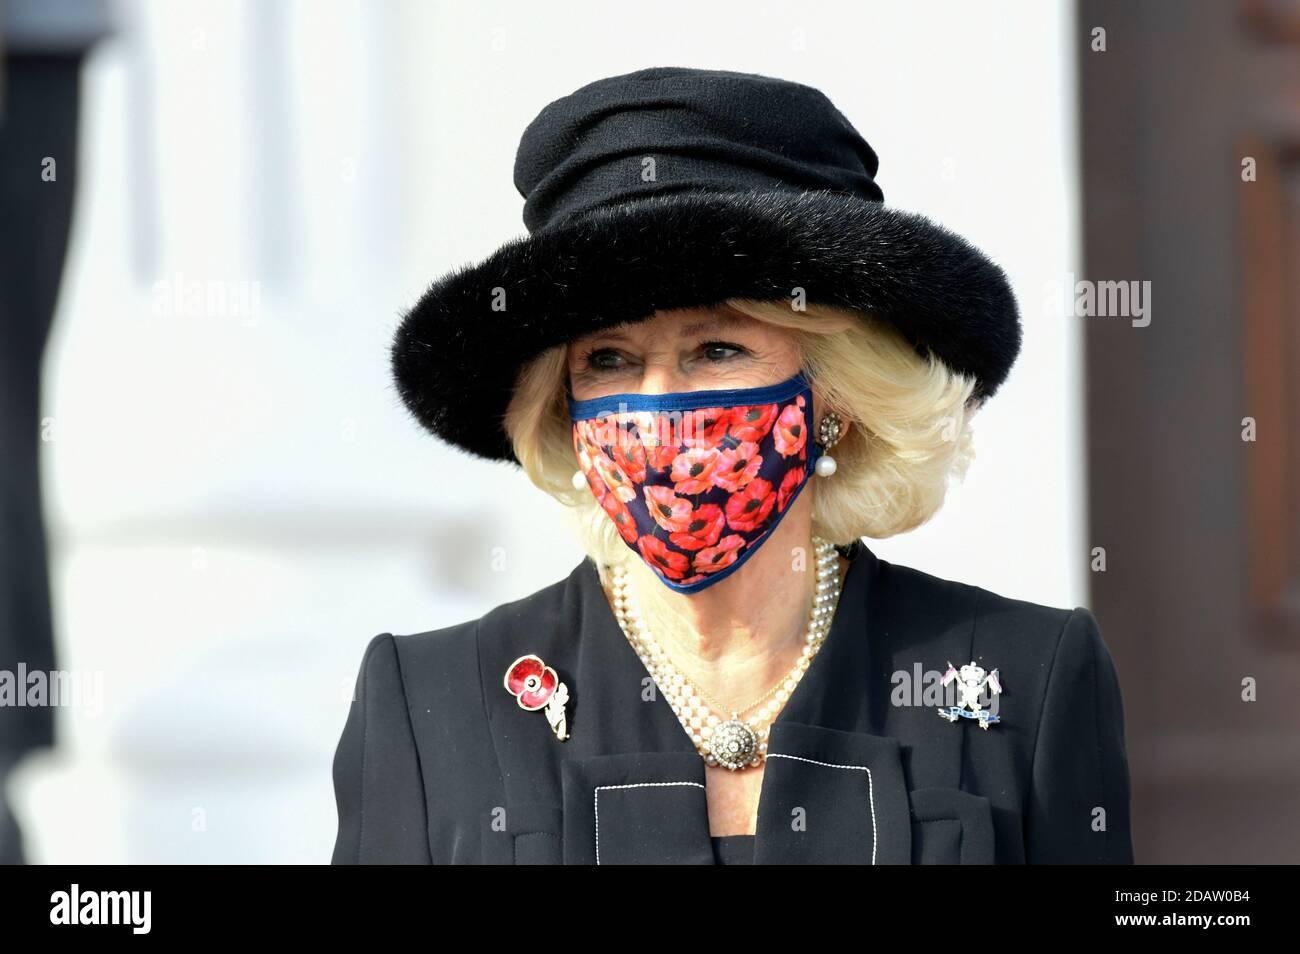 Berlin, Allemagne. 15 novembre 2020. Camilla, duchesse de Cornouailles, à la réception du Président fédéral de l'Allemagne au Palais Bellevue le 15 novembre 2020 à Berlin, Allemagne crédit: Geisler-Fotopress GmbH/Alay Live News Banque D'Images